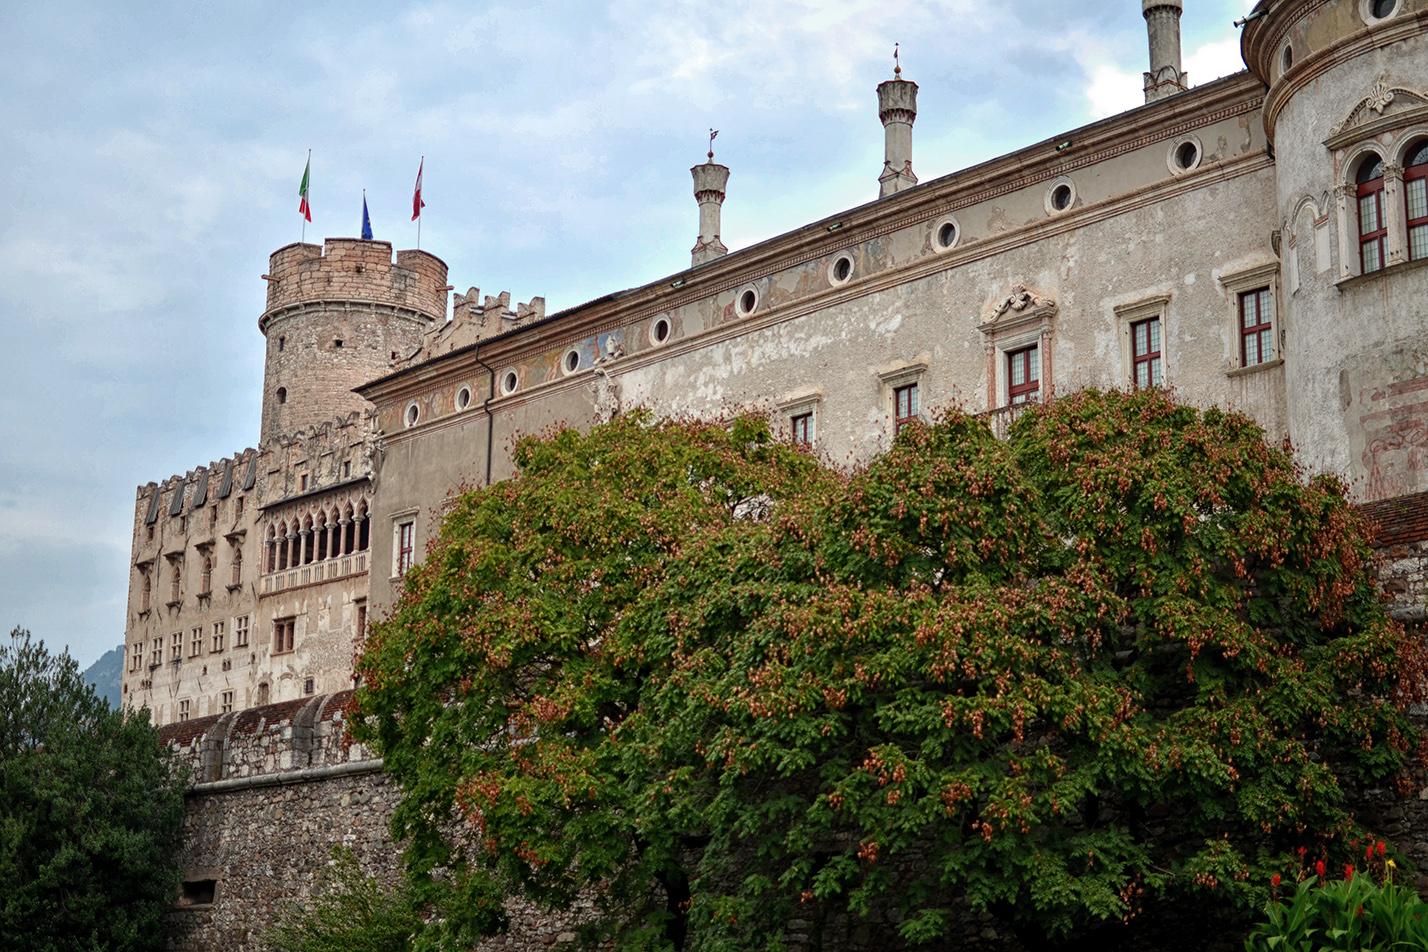 Cavallieri, dame e contadini: l'incanto del Medioevo al Castello del Buonconsiglio (Trento)